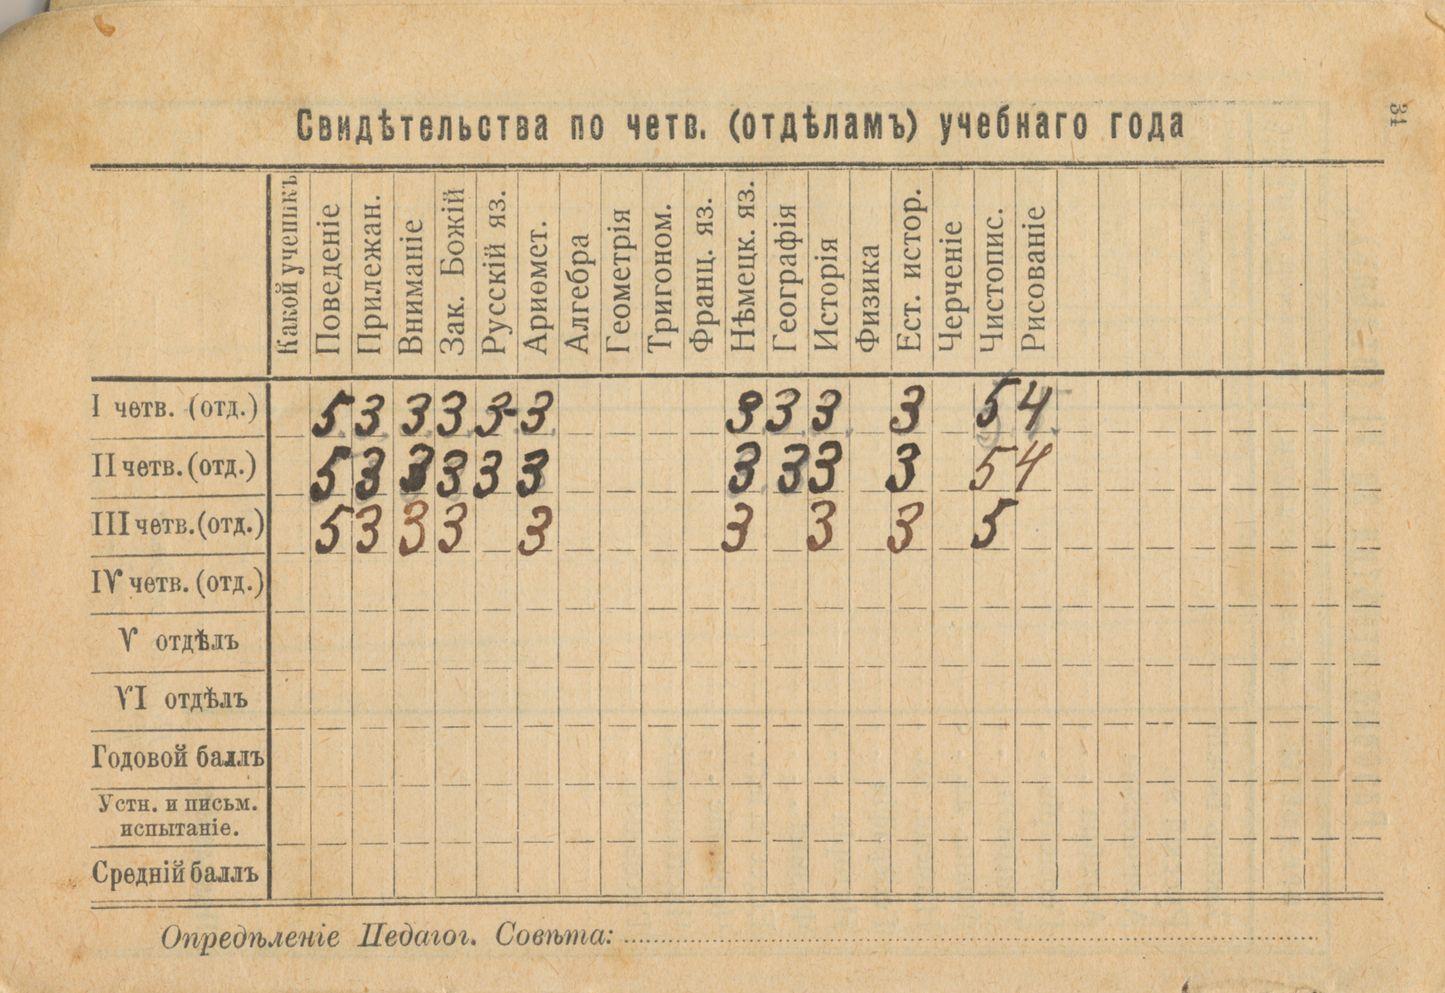 1 сентября 110 лет назад: тригонометрия, курс доллара и бенгальские огни - 4